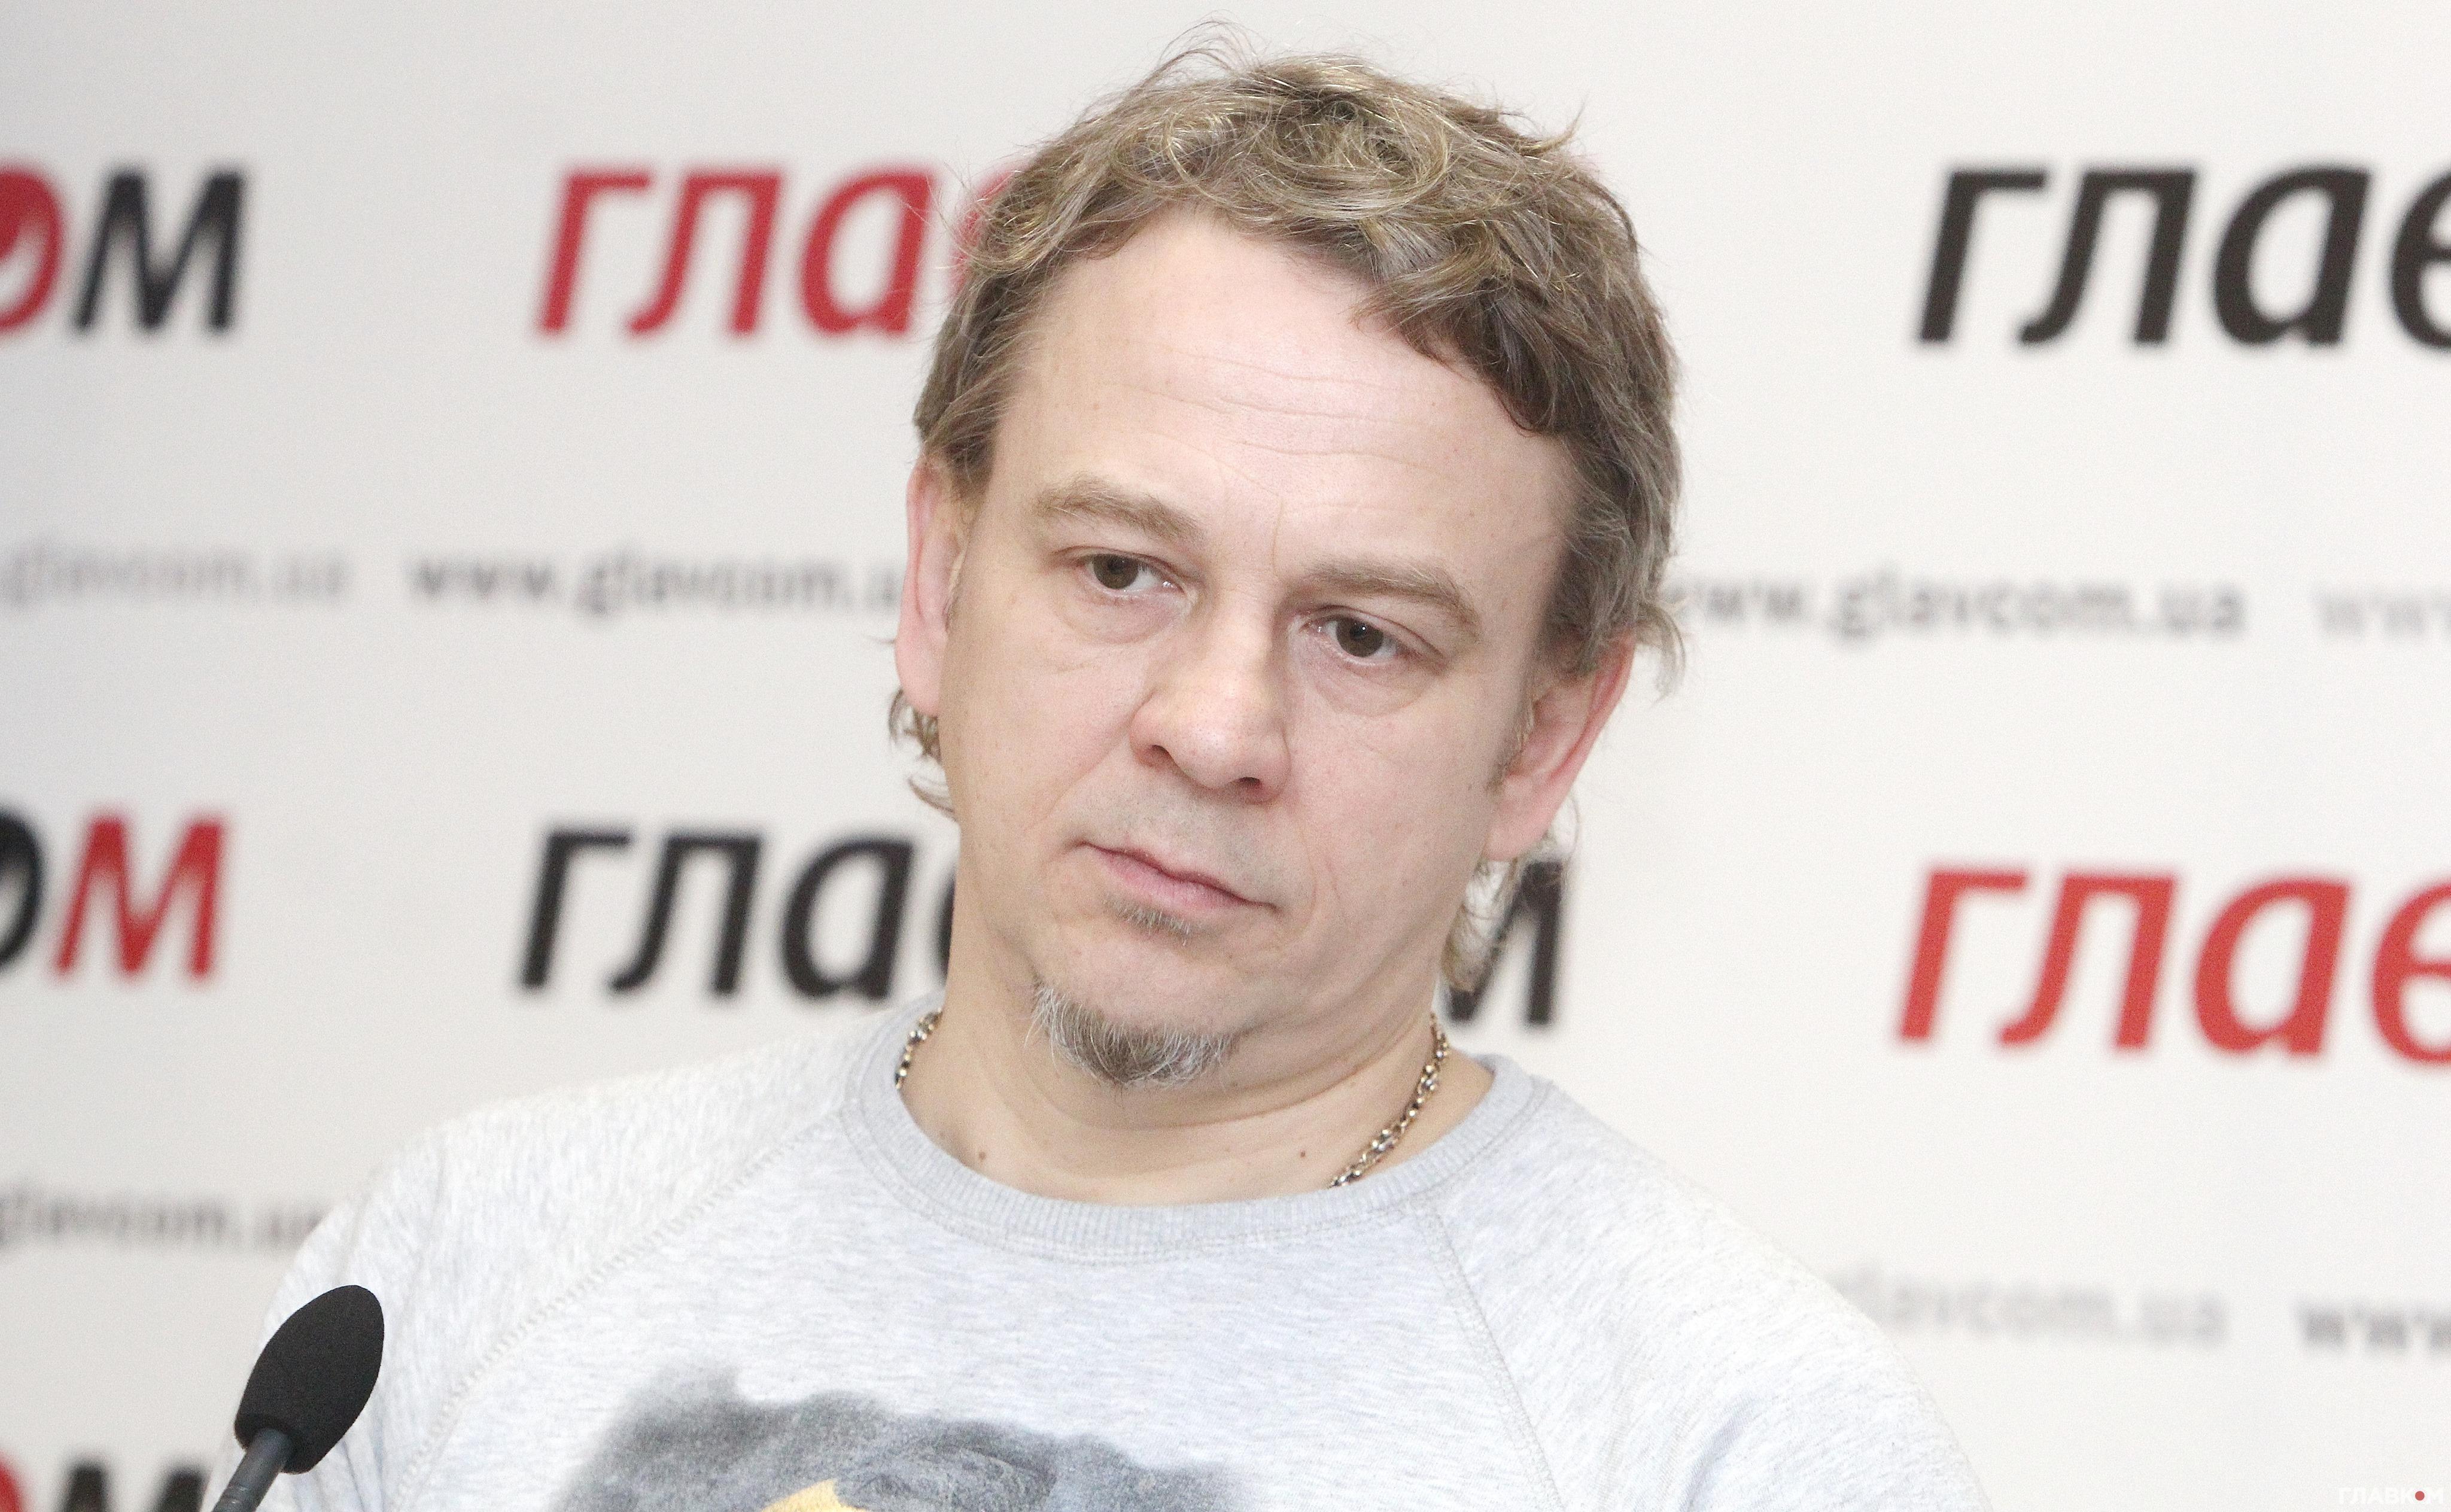 Олександр Фоззі Сидоренко, учасник гурту ТНМК